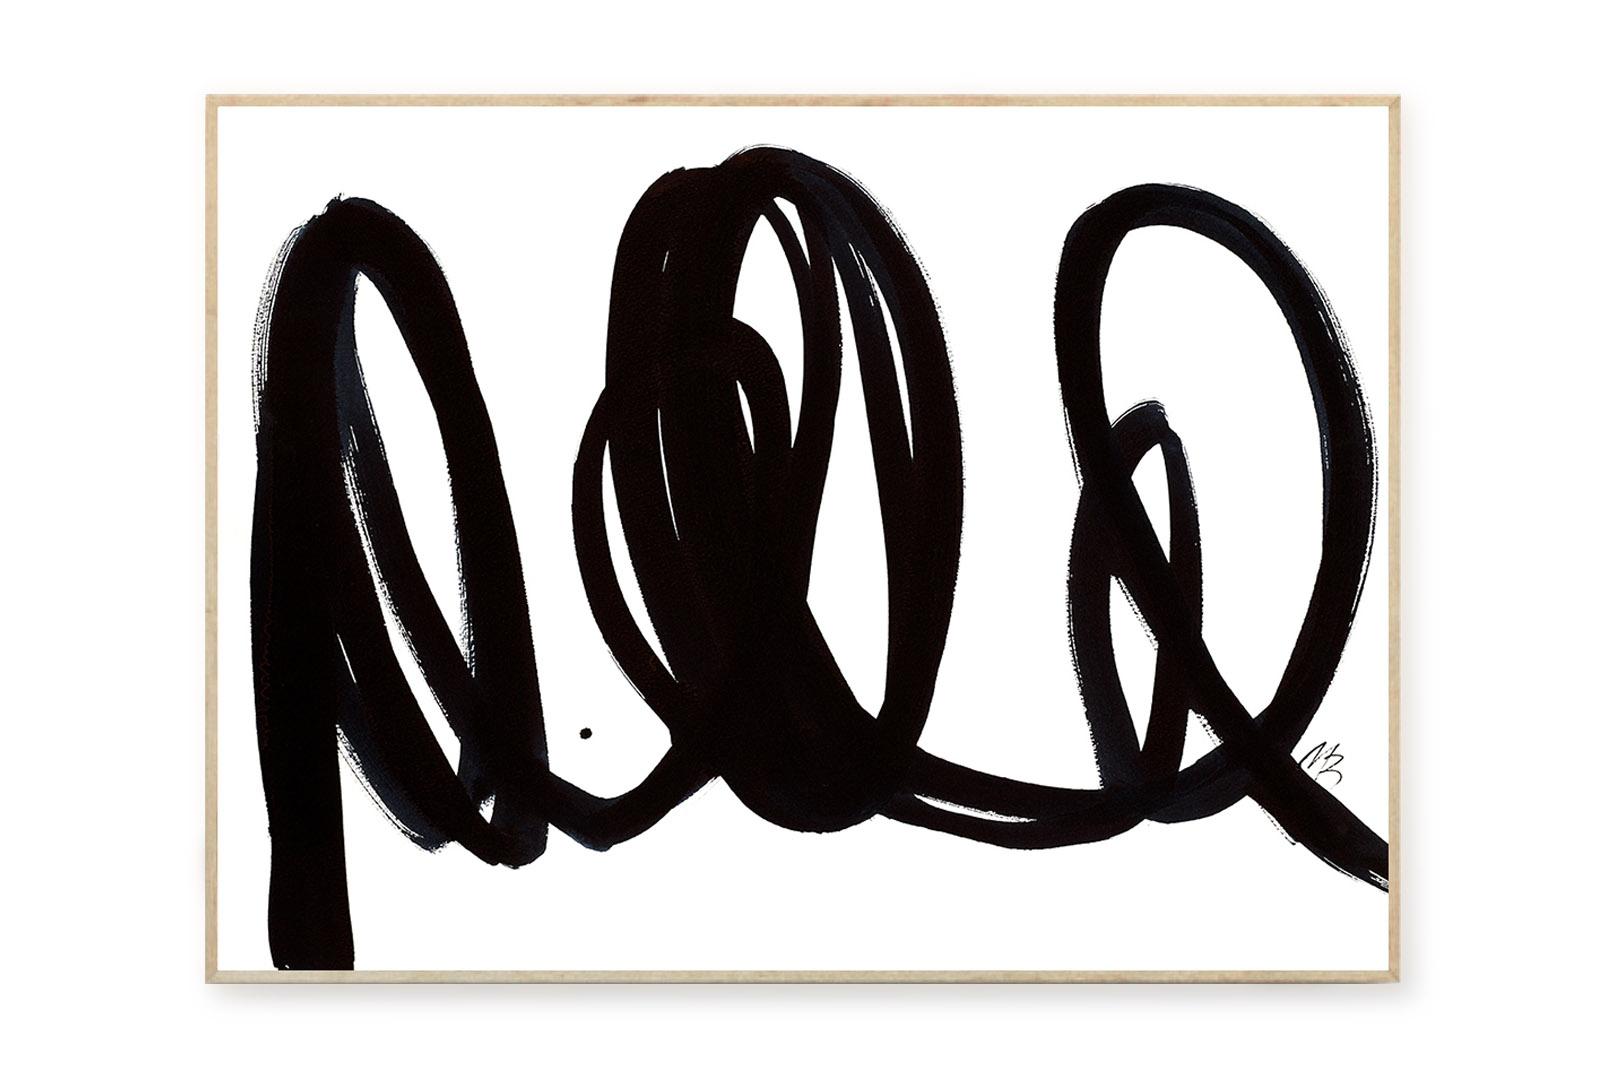 THE POSTER CLUB × Malene Birger ポスター/アートプリント 50×70cm No 06【イラスト インテリア 北欧雑貨 おしゃれ 壁掛け 絵画 パネル モダン モノクロ モノトーン デンマーク コペンハーゲン】